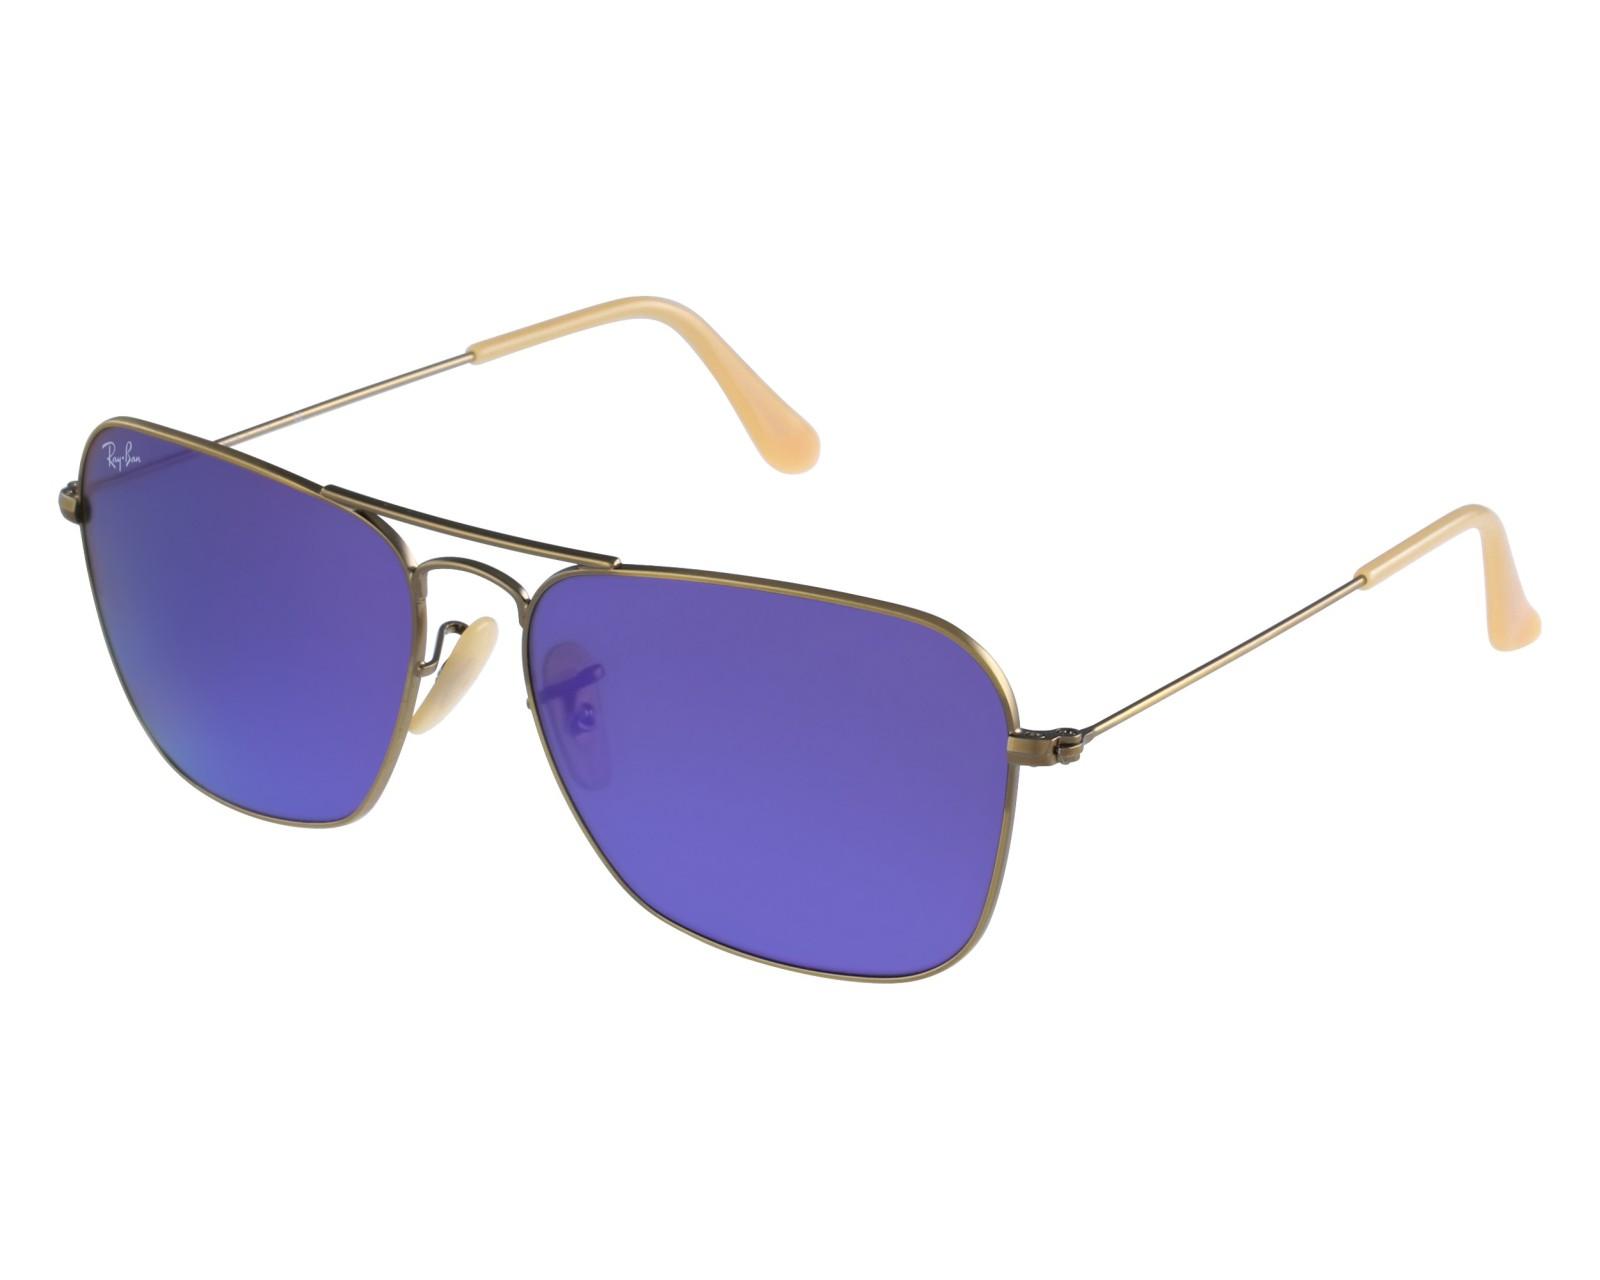 lunettes de soleil caravan de ban en rb 3136 167 1m